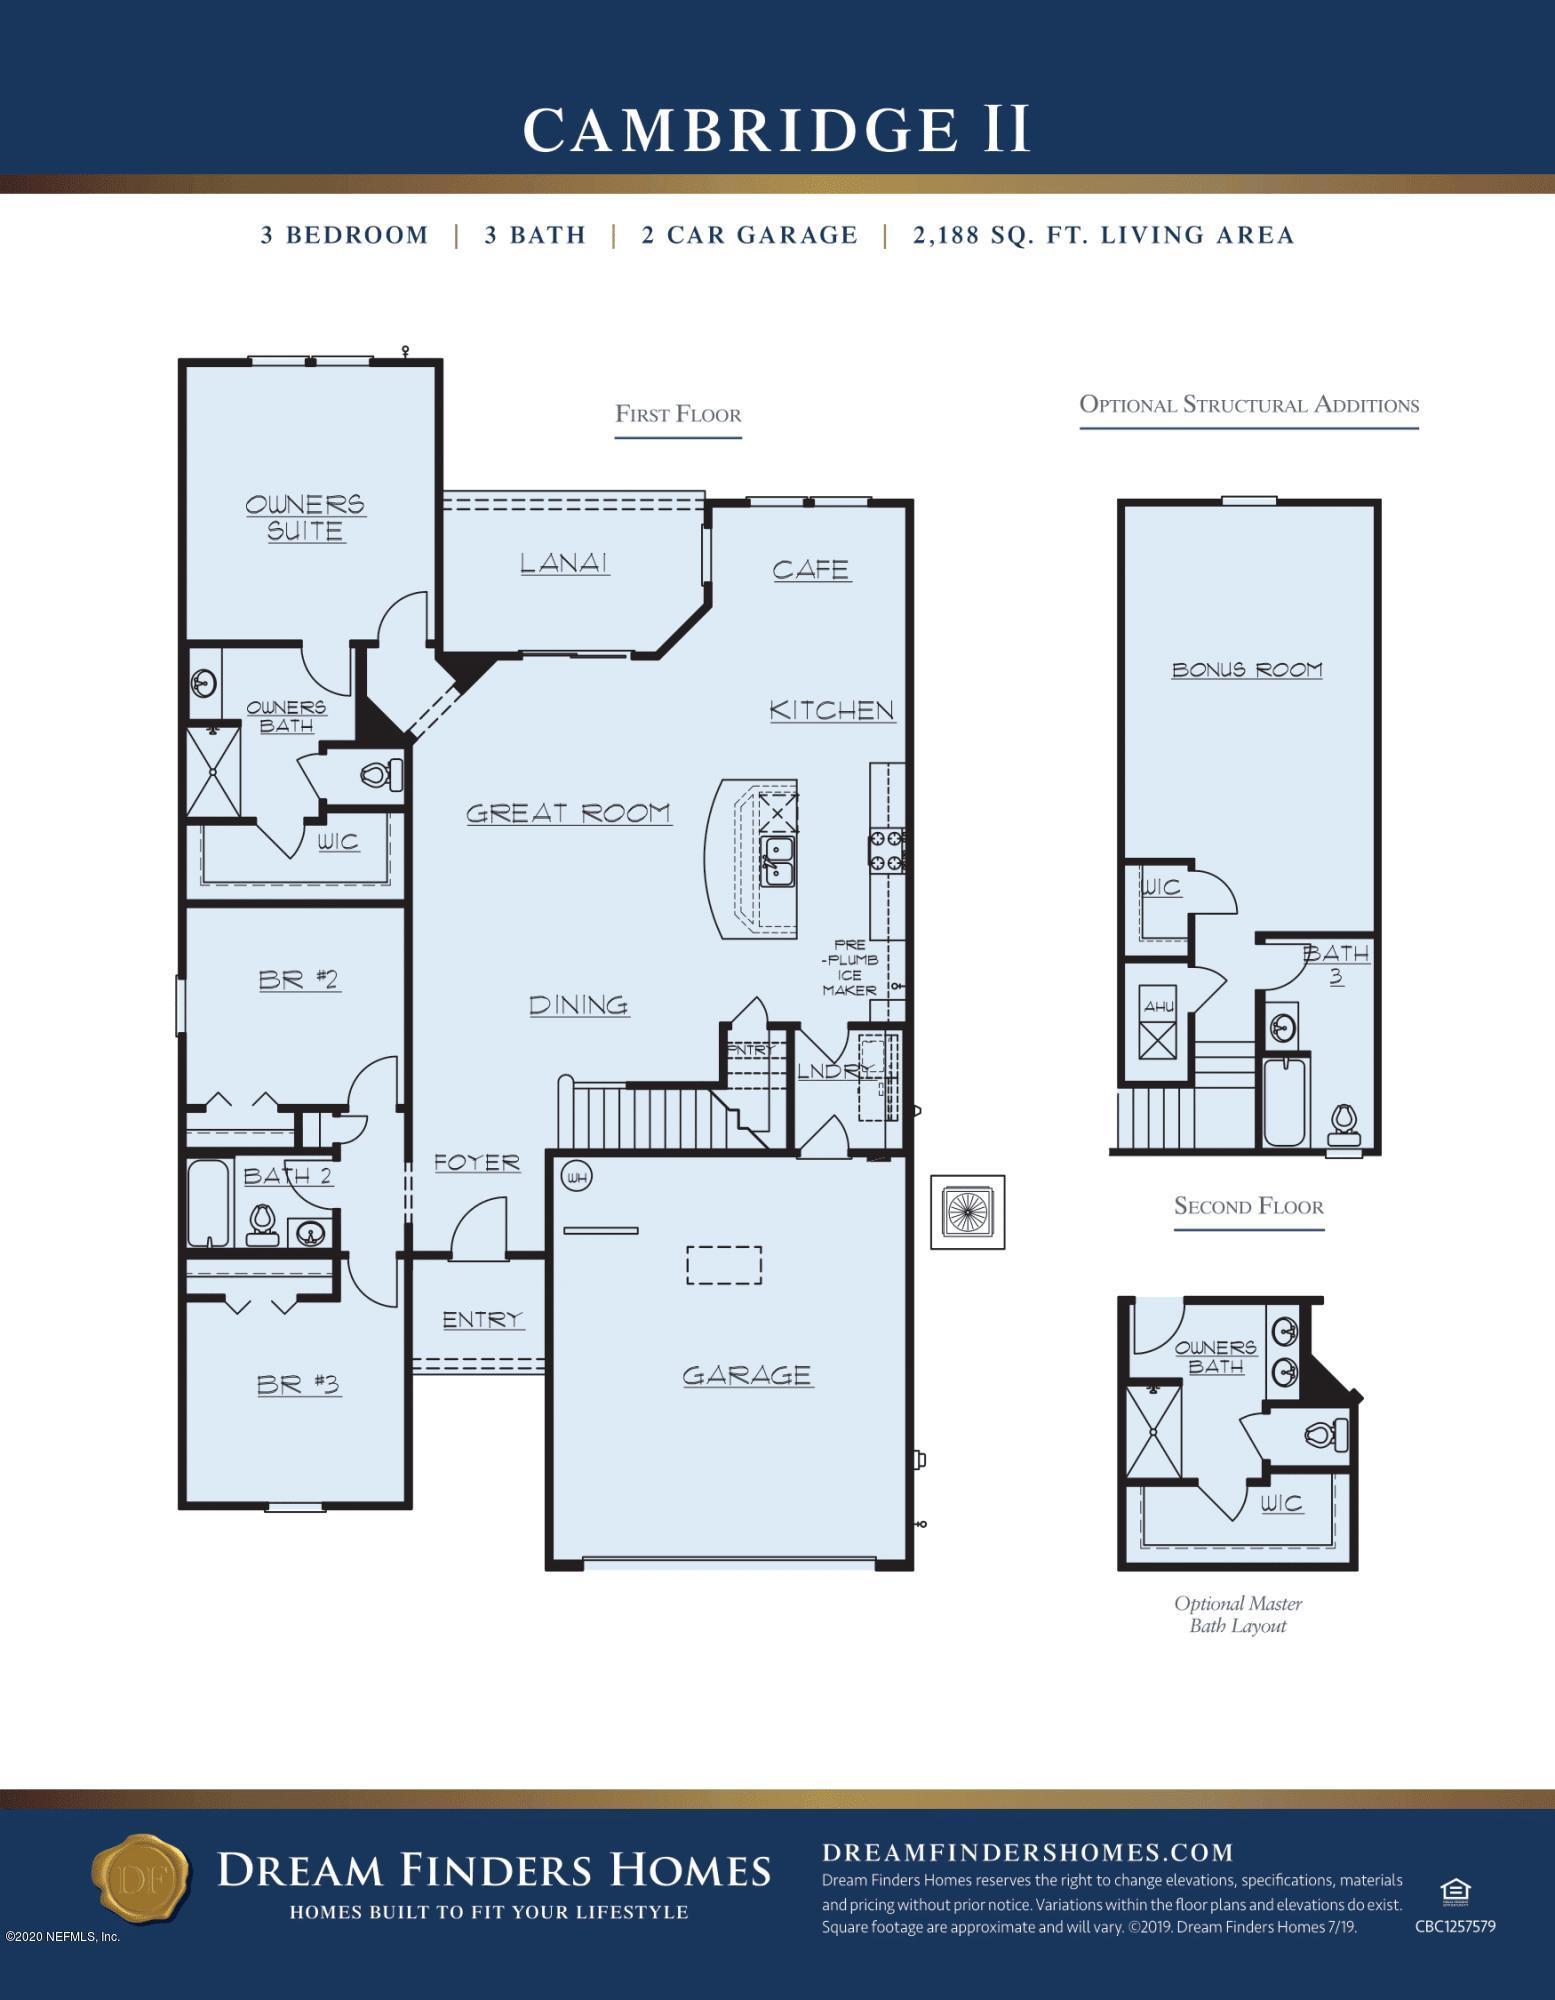 207 MEADOW RIDGE, ST AUGUSTINE, FLORIDA 32092, 3 Bedrooms Bedrooms, ,3 BathroomsBathrooms,Residential,For sale,MEADOW RIDGE,1080089